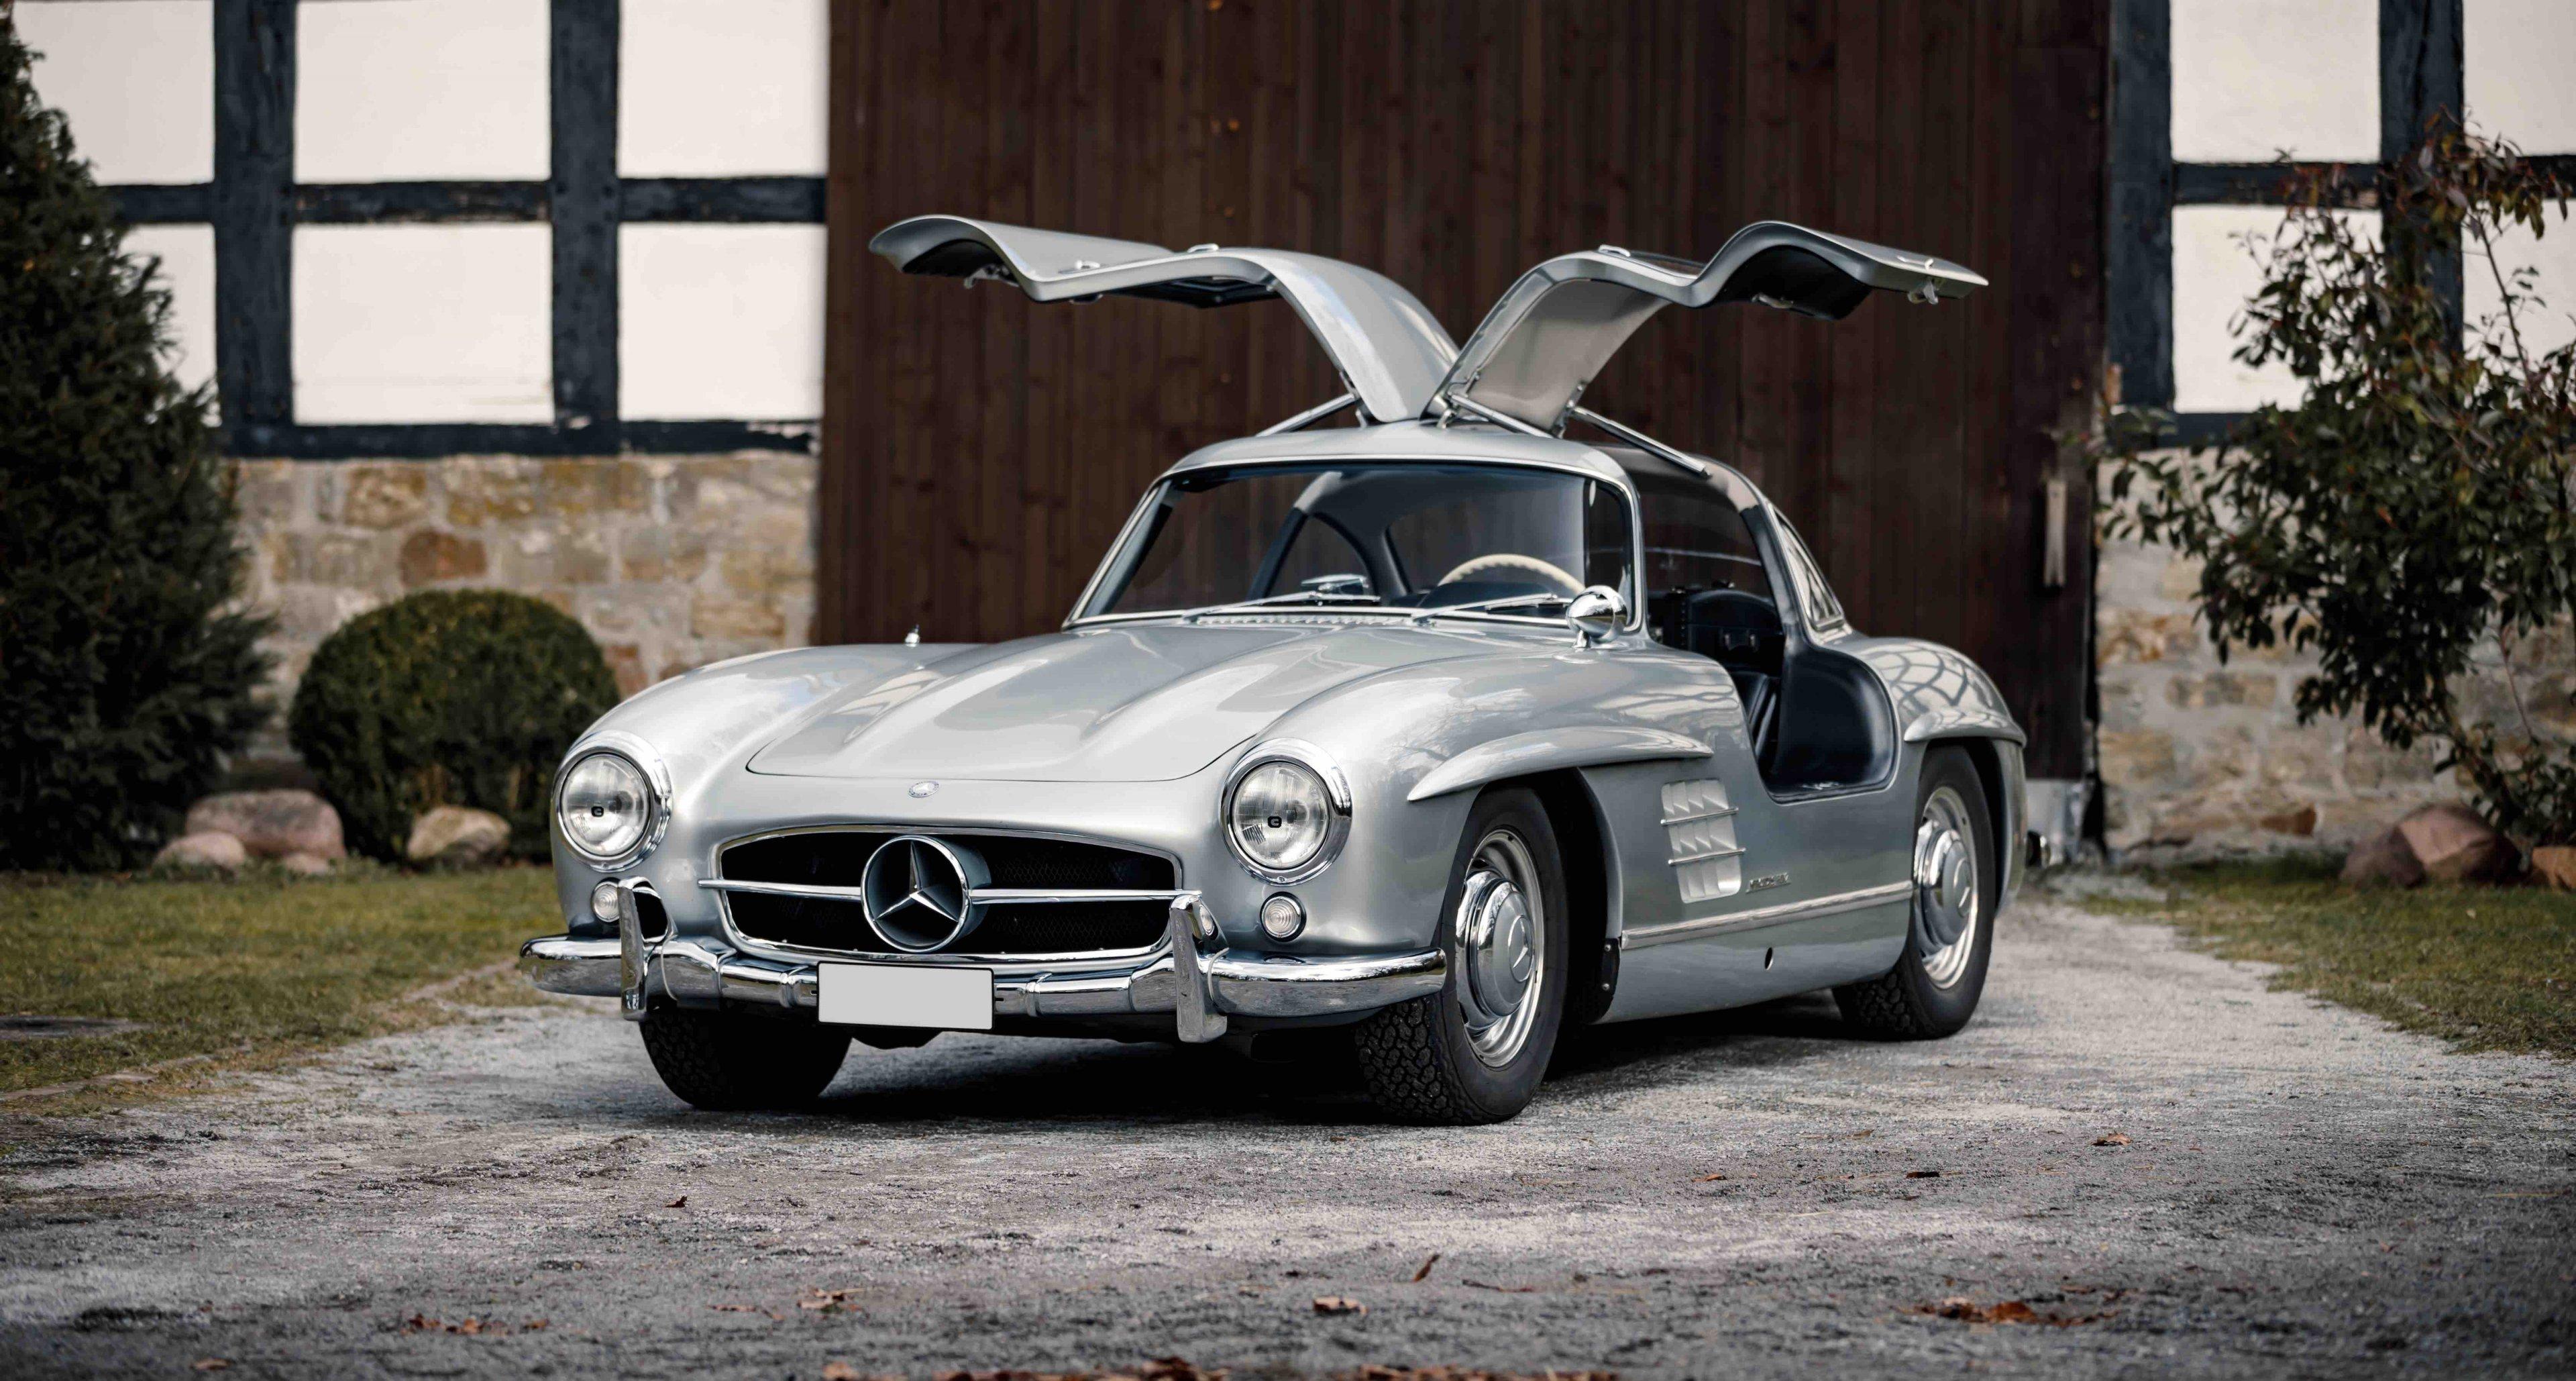 Online Car Auction >> Bv Collector Car Auctions June Online Auction Auction Classic Driver